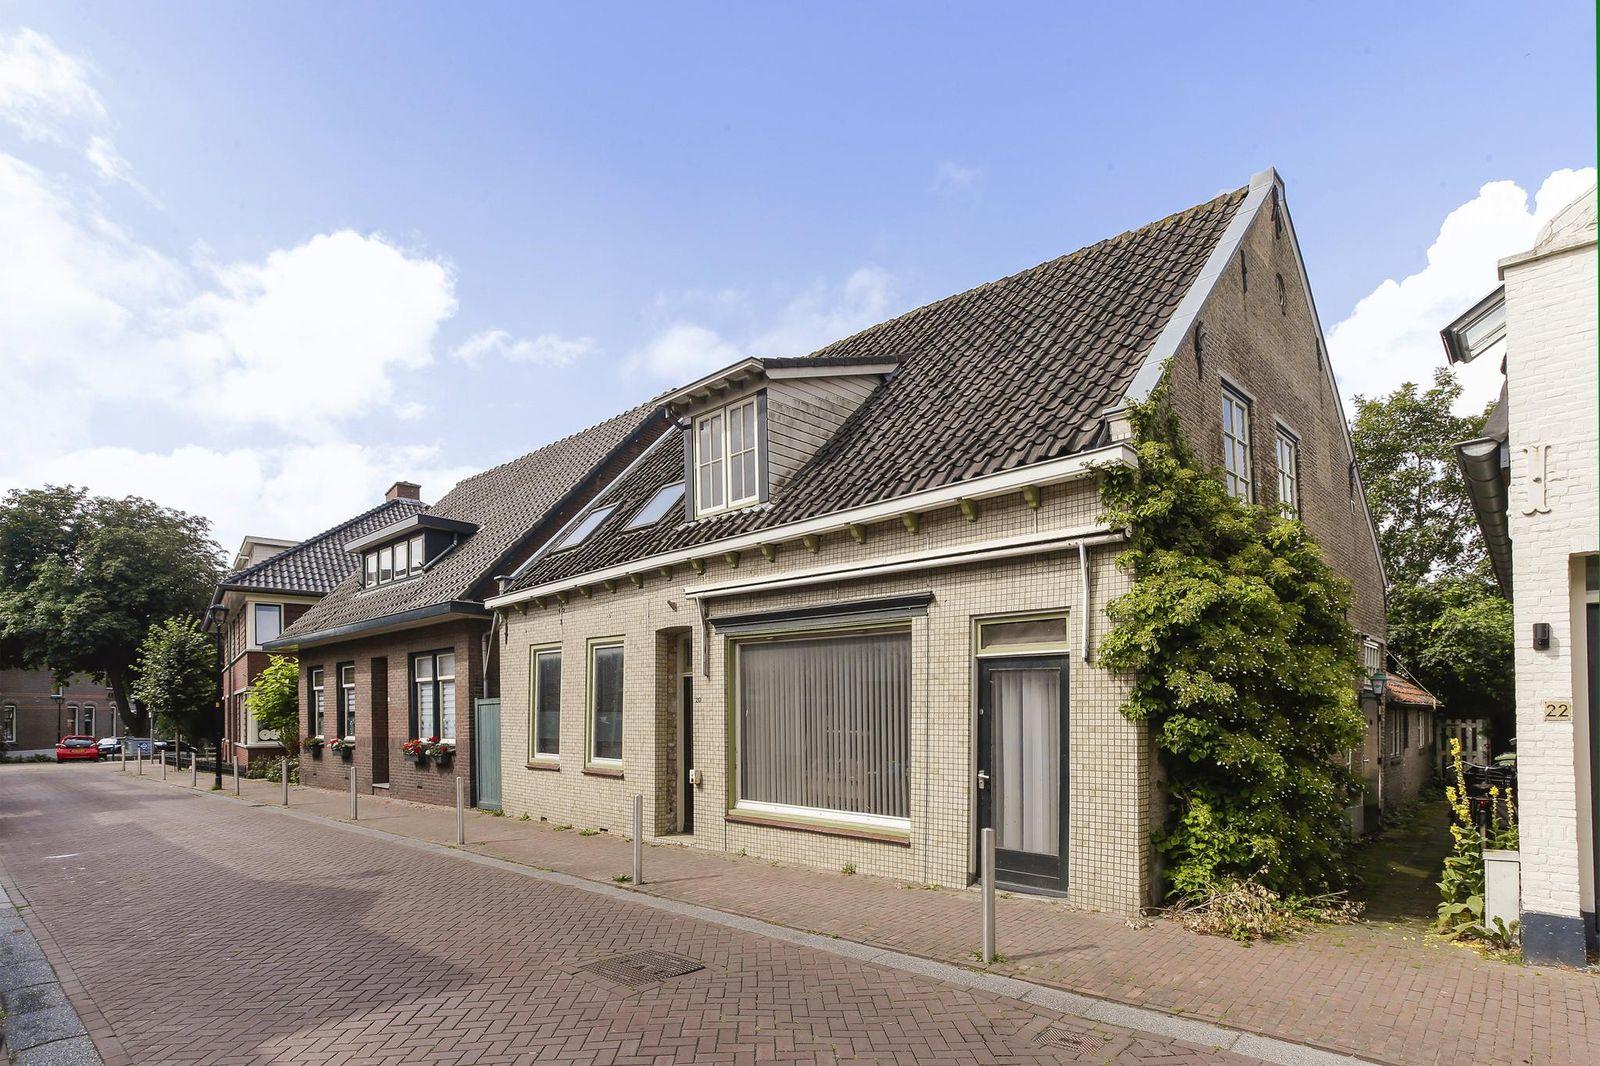 Dorpstraat 20, Waddinxveen